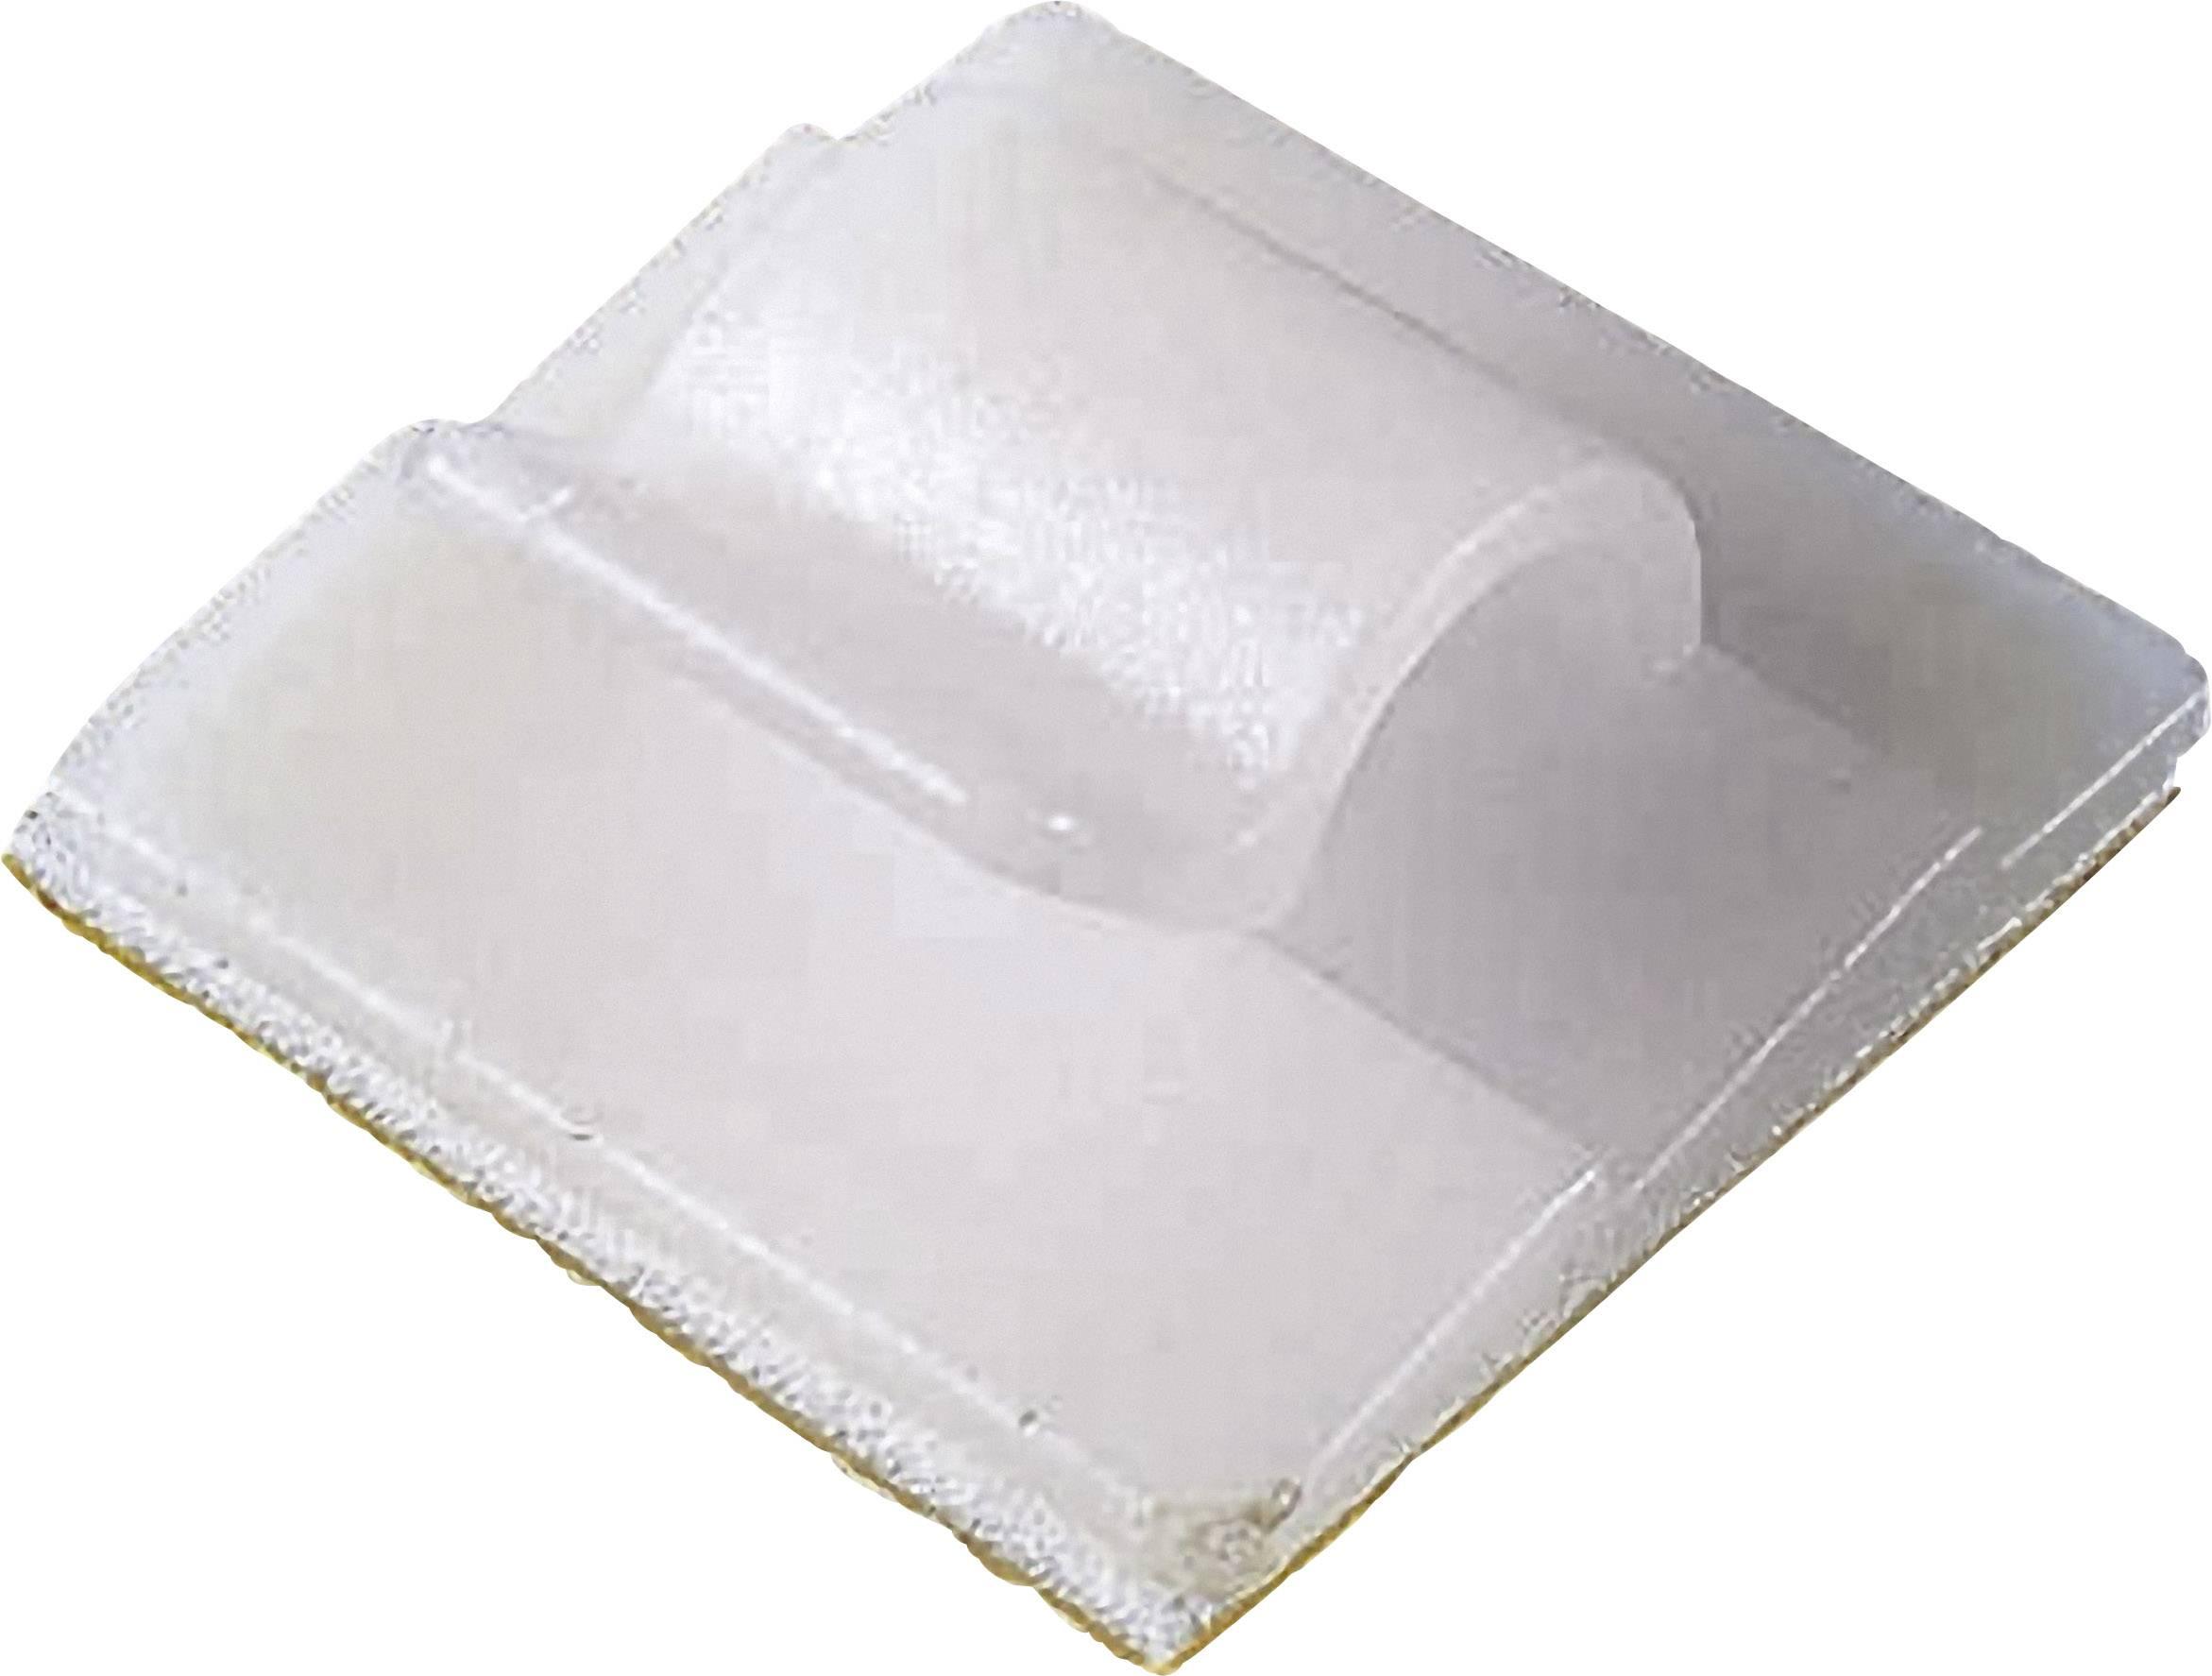 Kabelová spona PB Fastener 5430 5430, samolepicí, 4 mm (max), přírodní, 1 ks